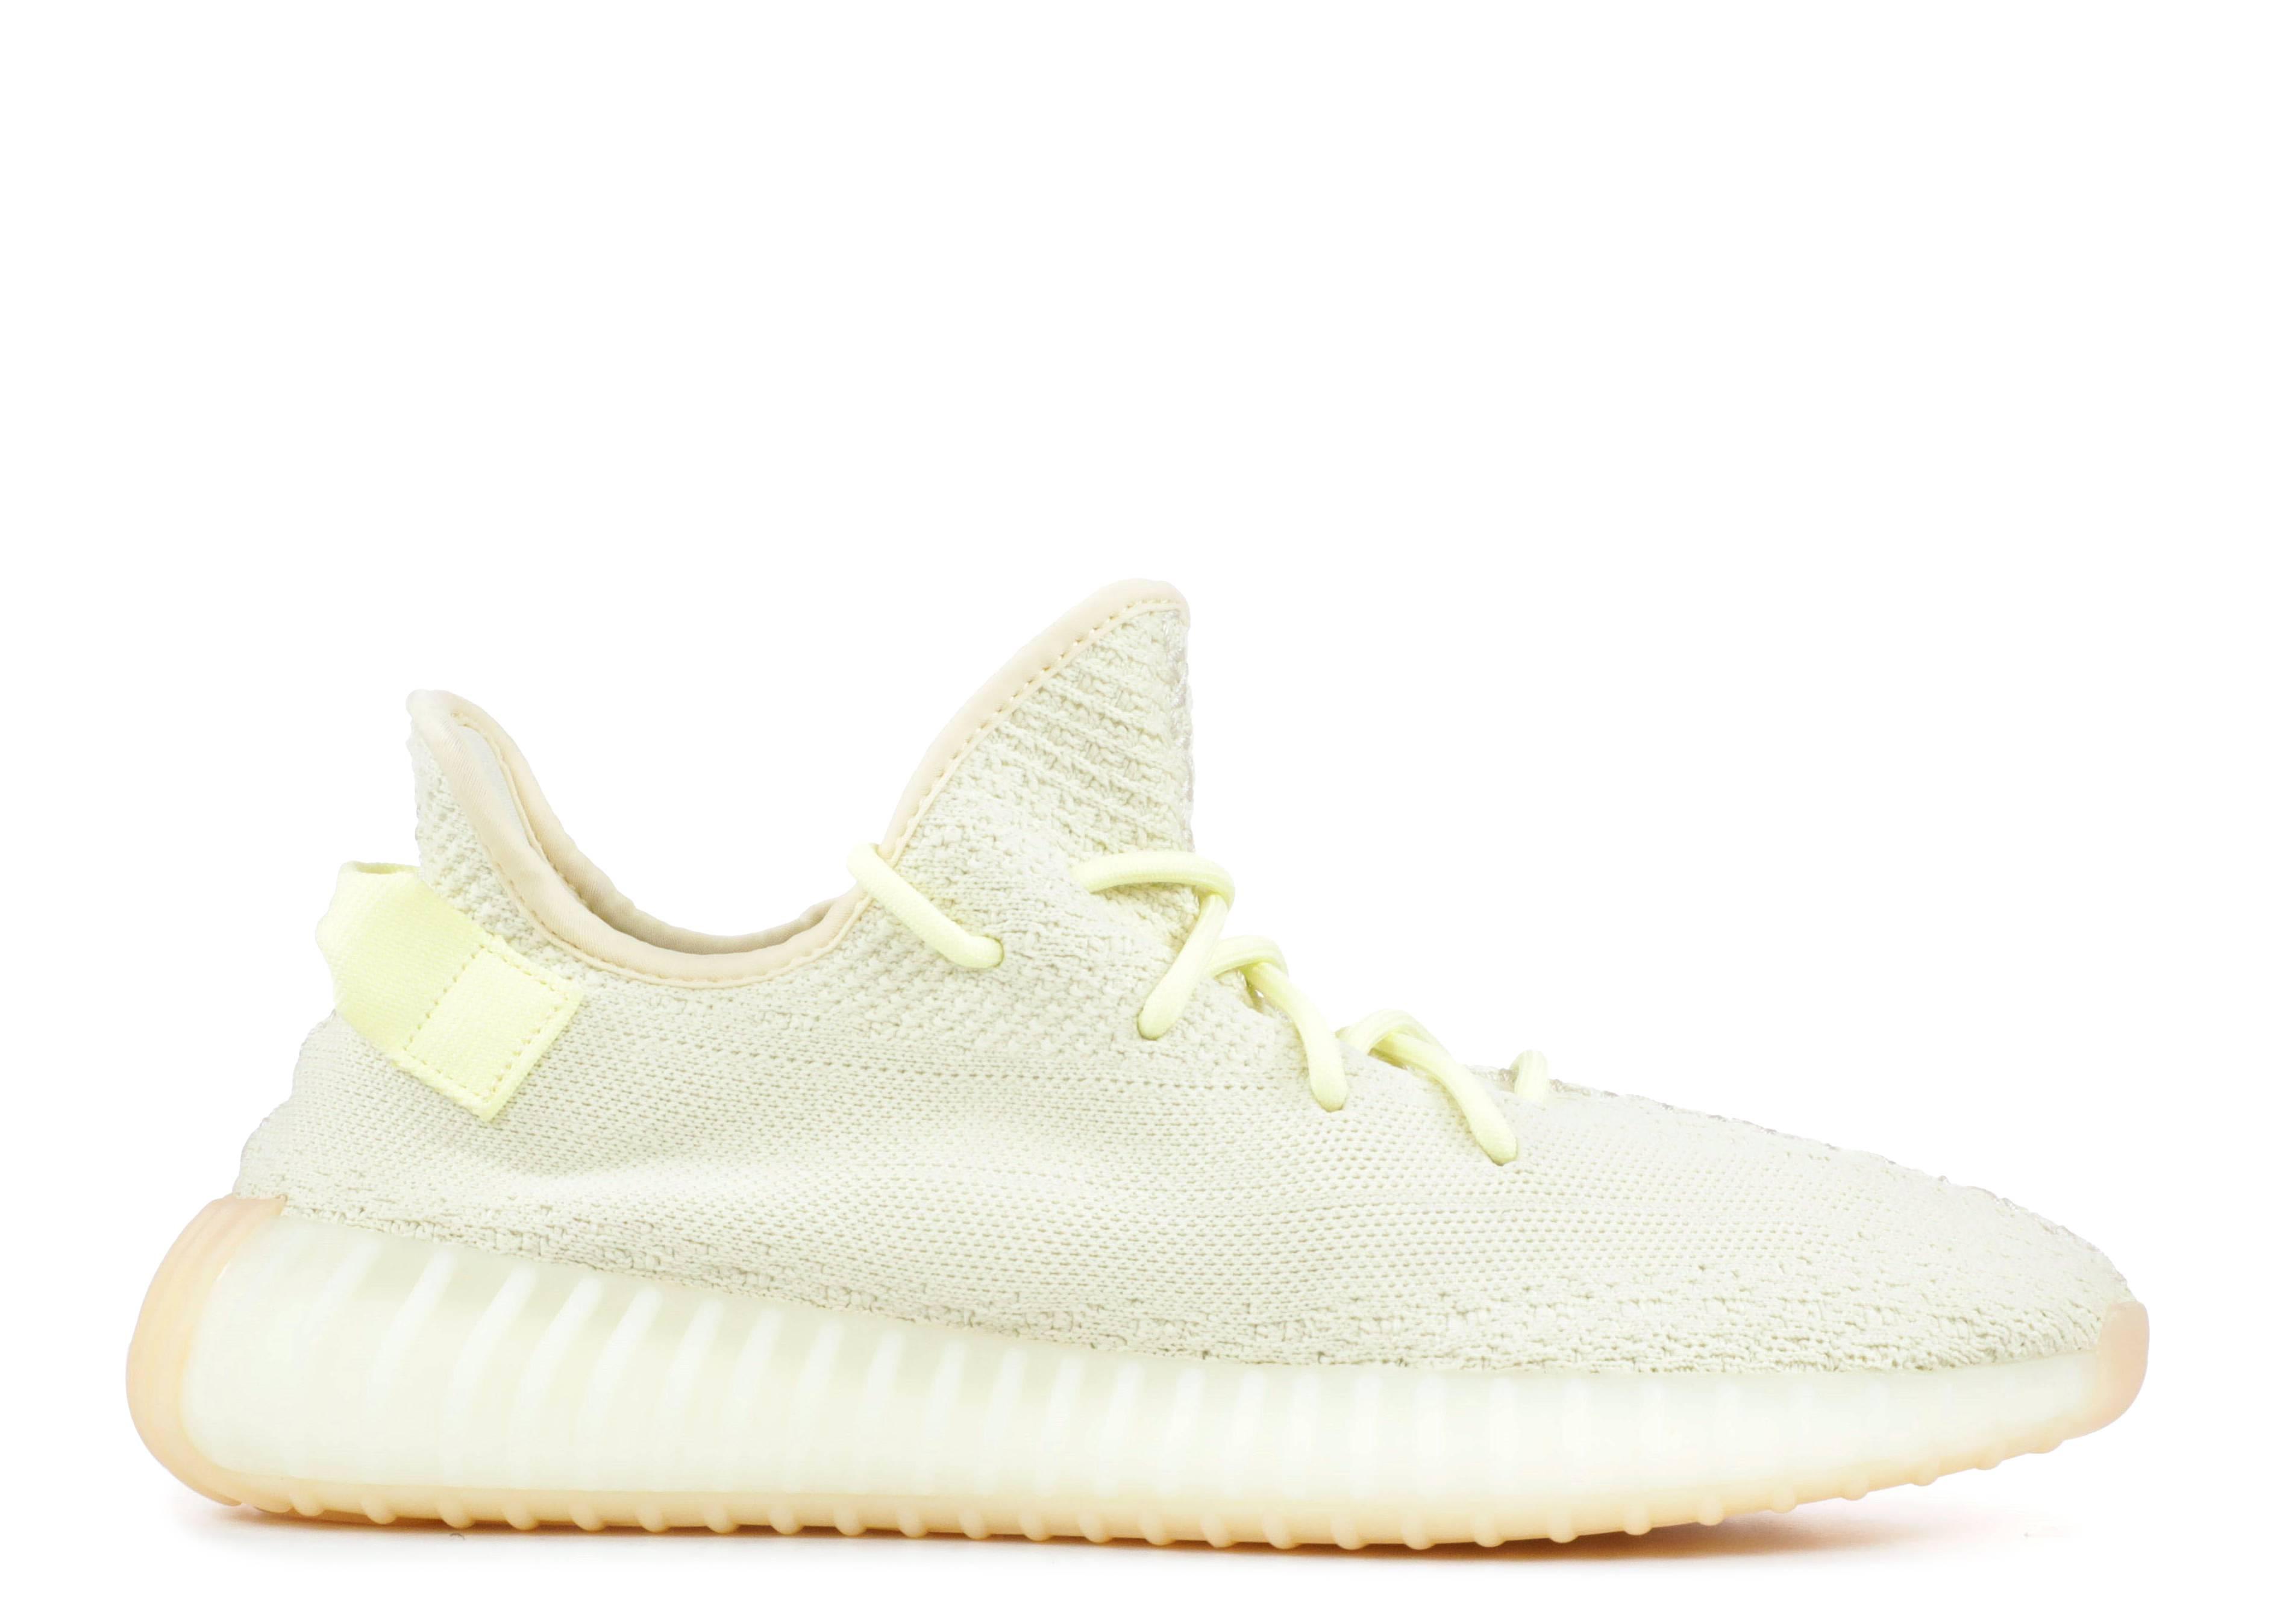 2d32d62202bb3 Adidas Yeezy Boost 350 V2